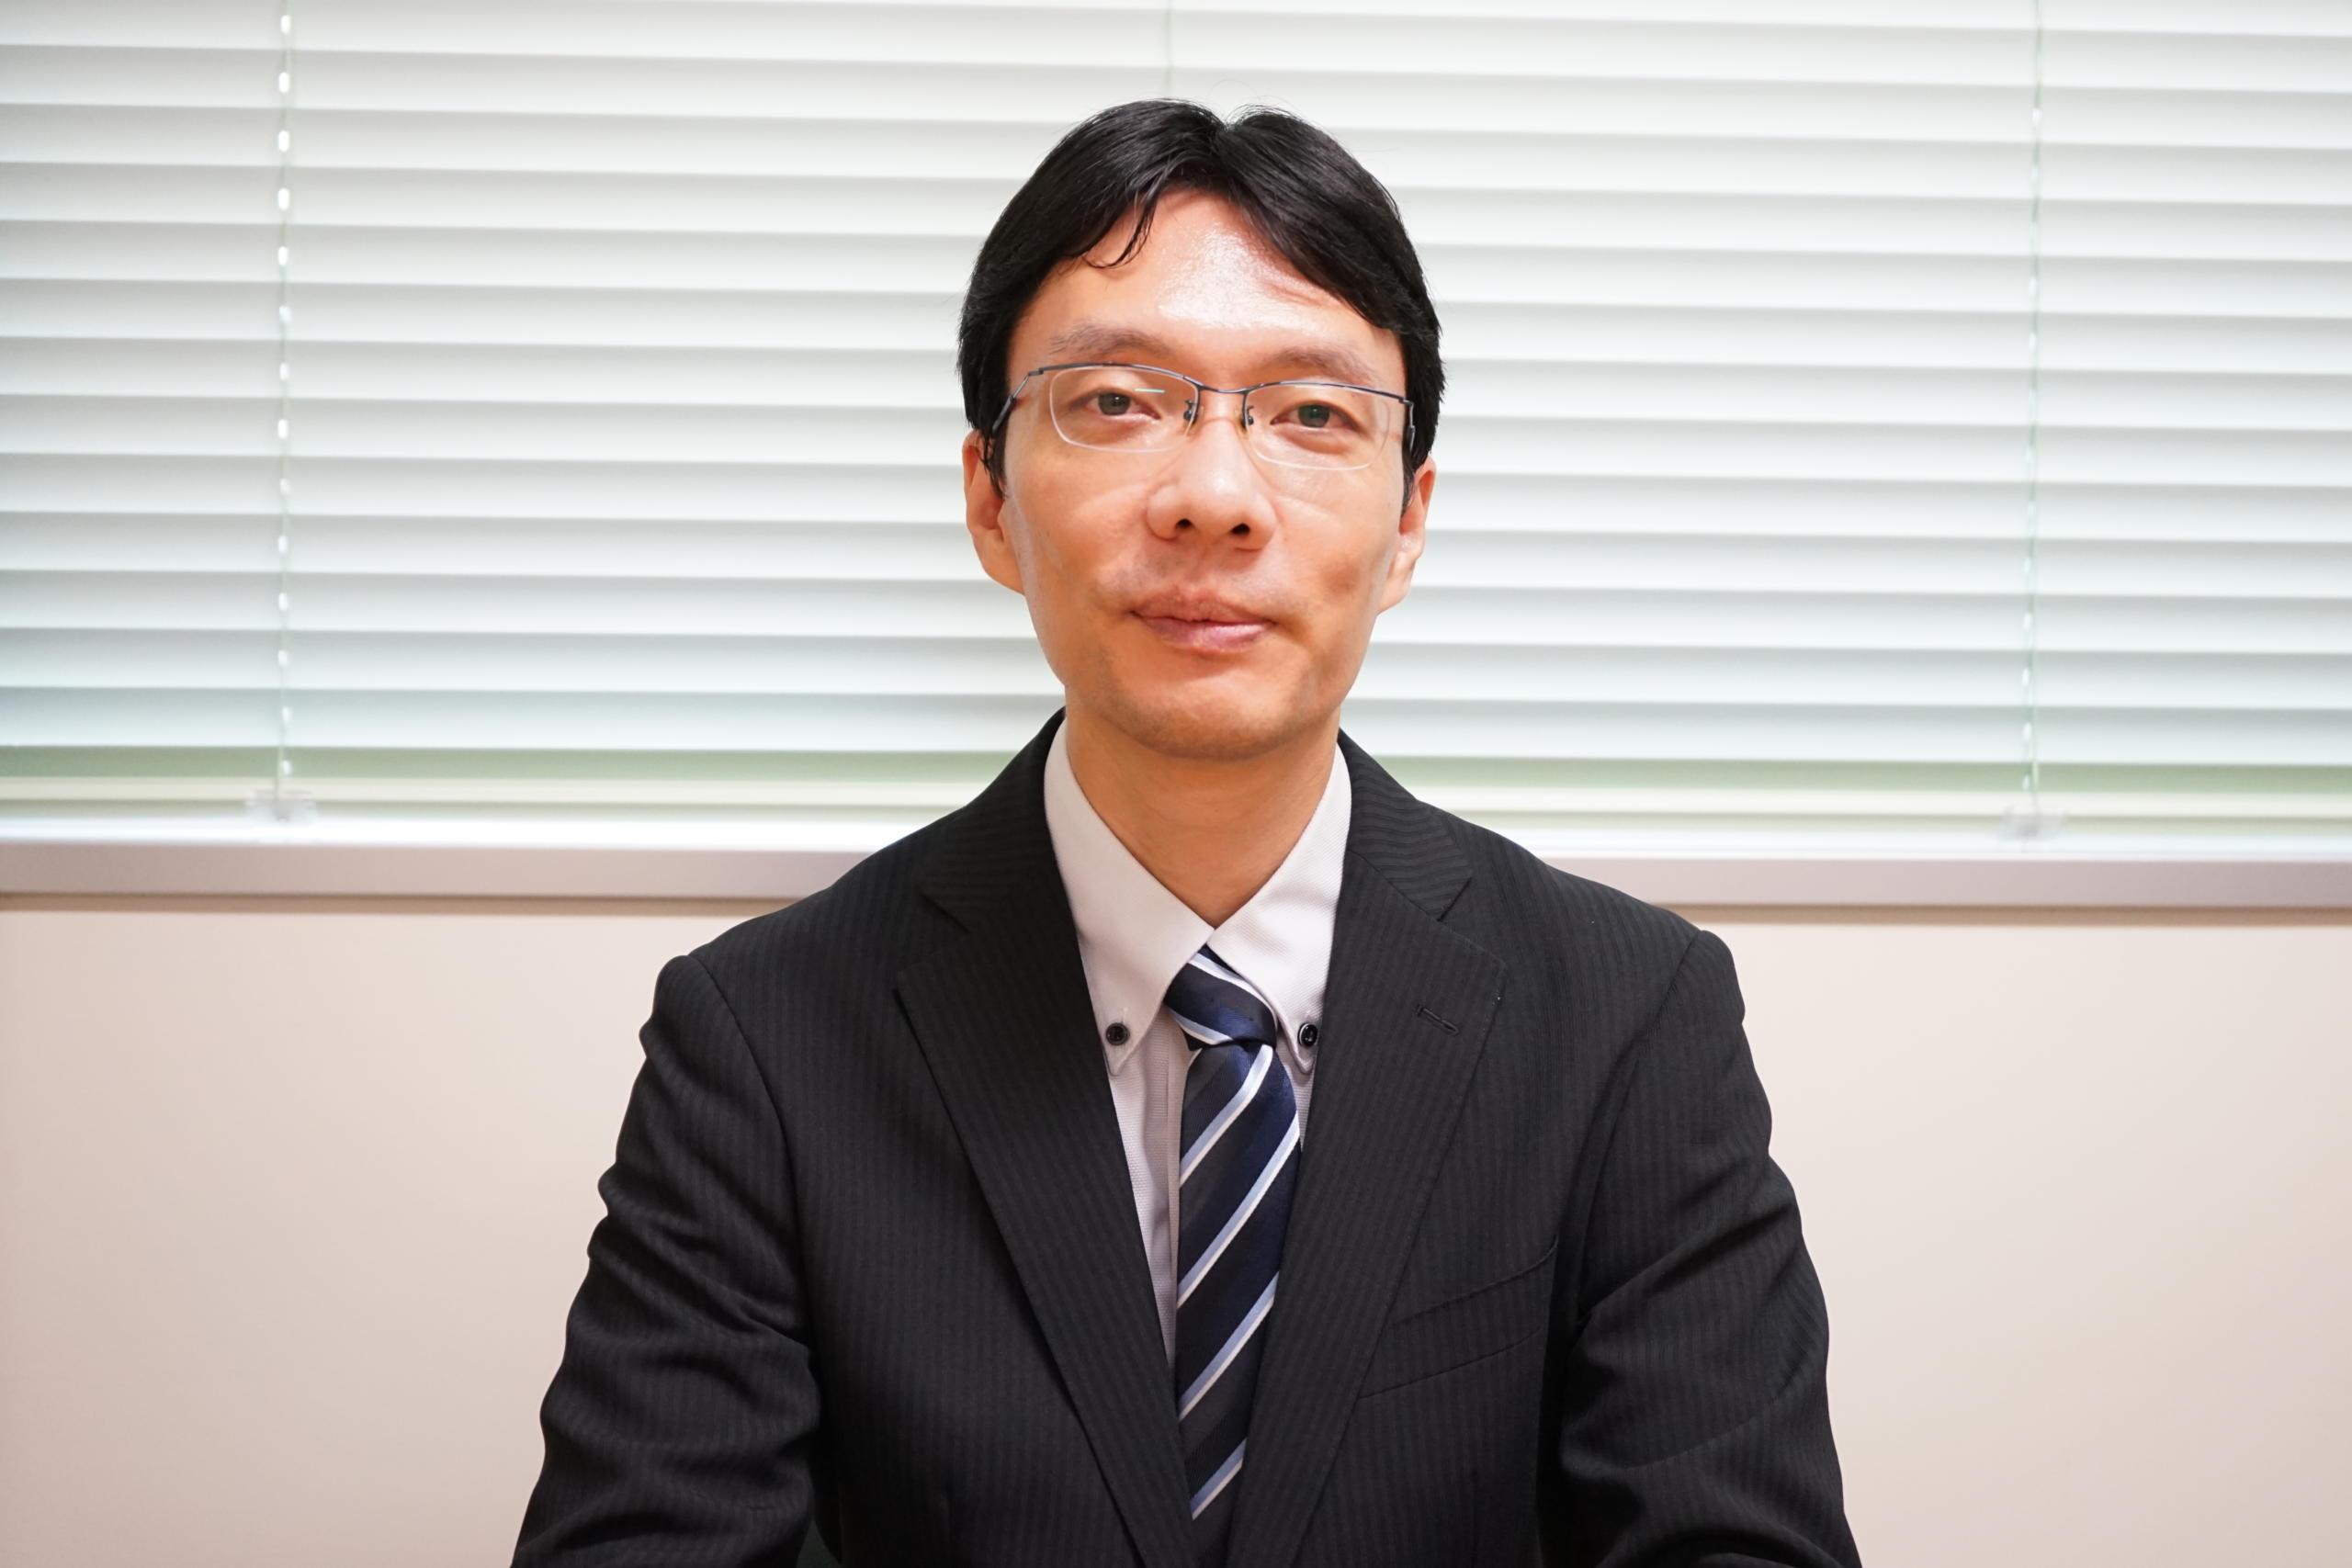 東京医科歯科大学大学院医歯学総合研究科